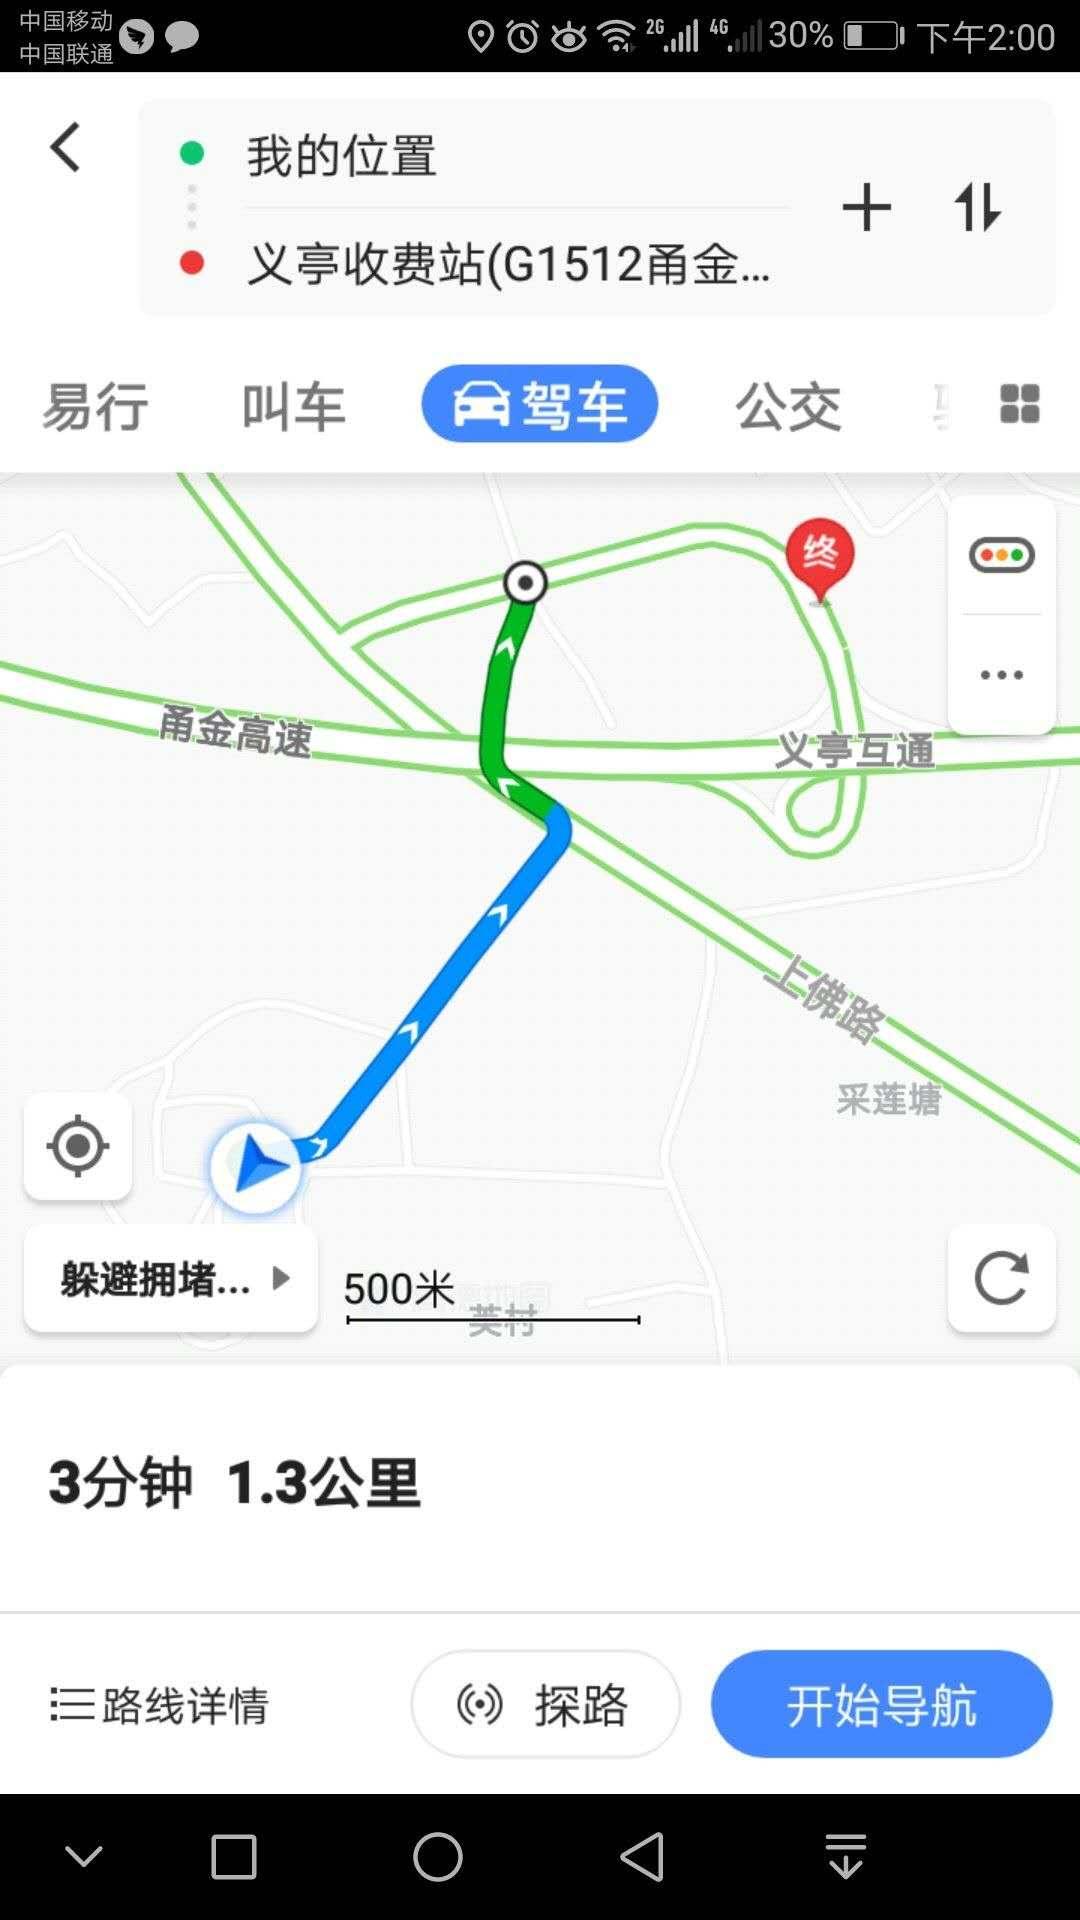 浙中农副产品物流中心附近仓库出租